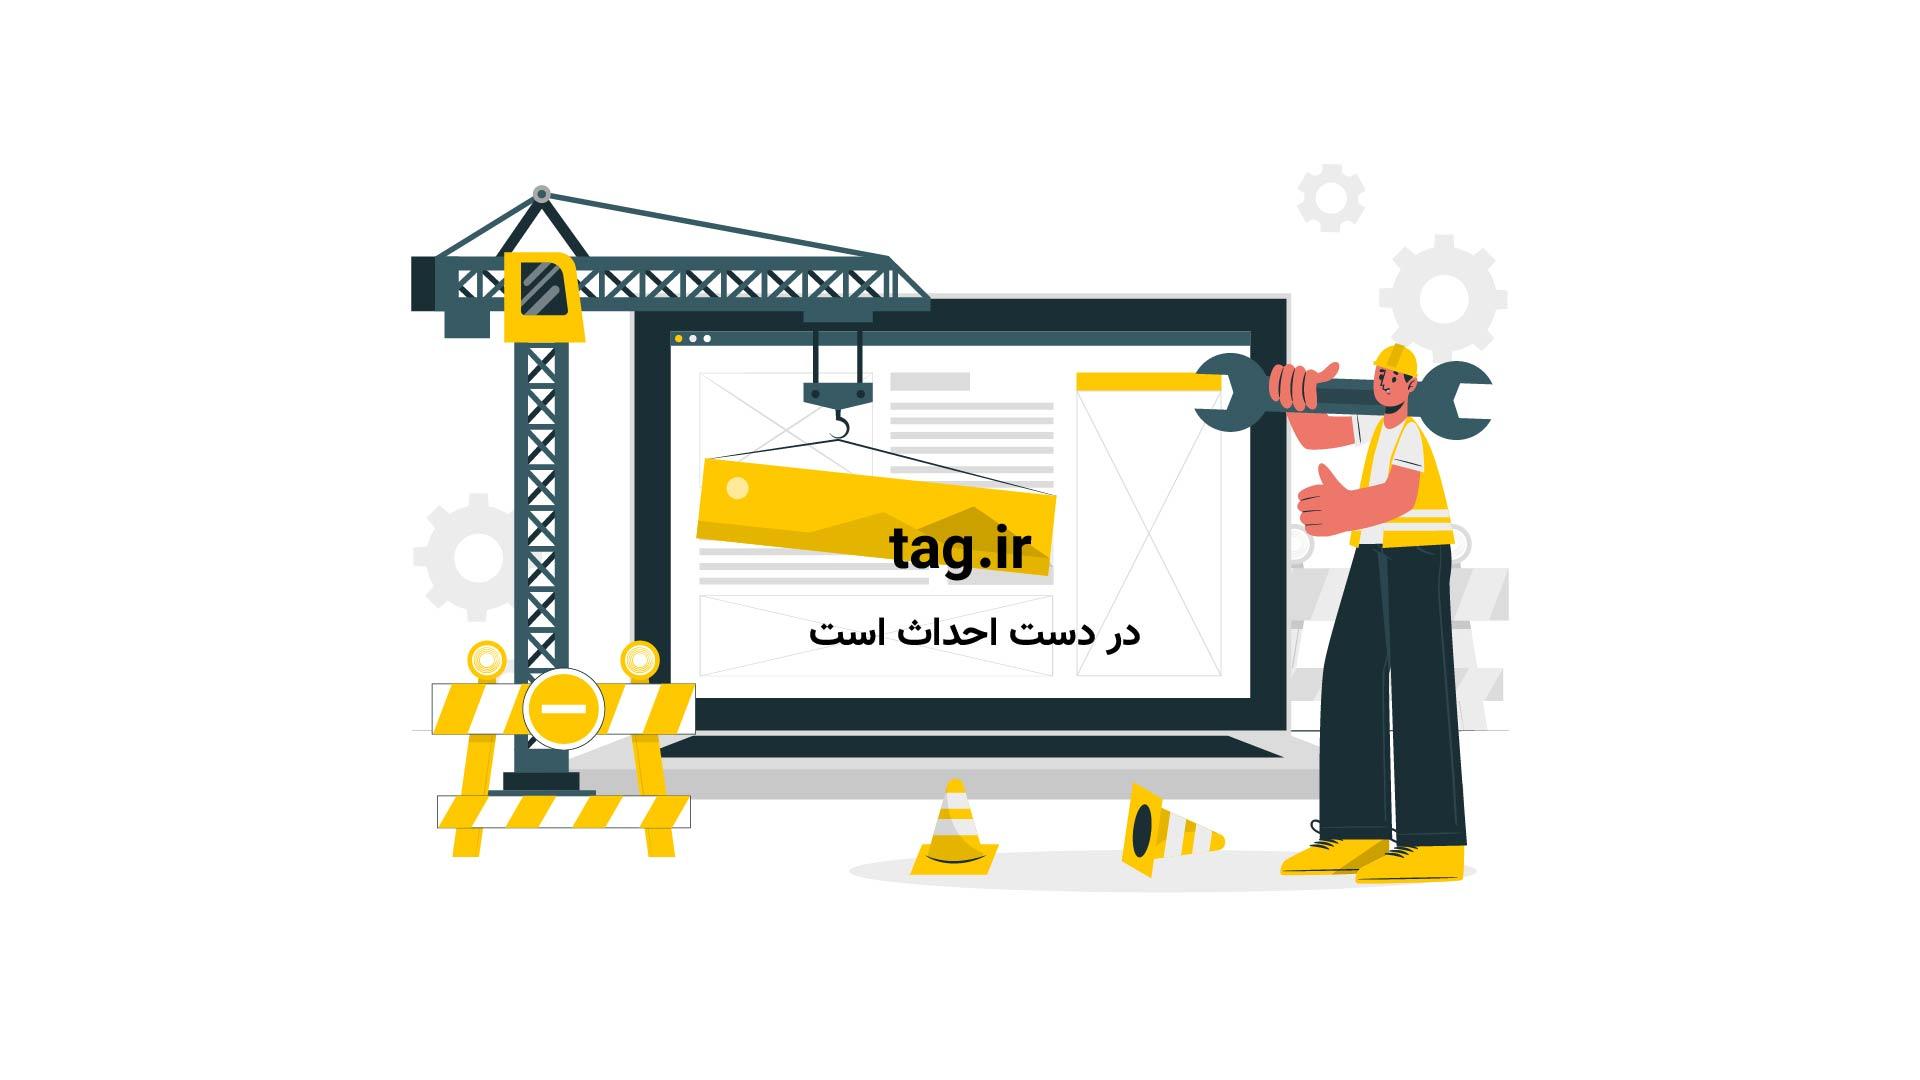 فیلم گزارش تلویزیون از نقاشی که شهادت حضرت علی اکبر(ع) را به تصویر کشید